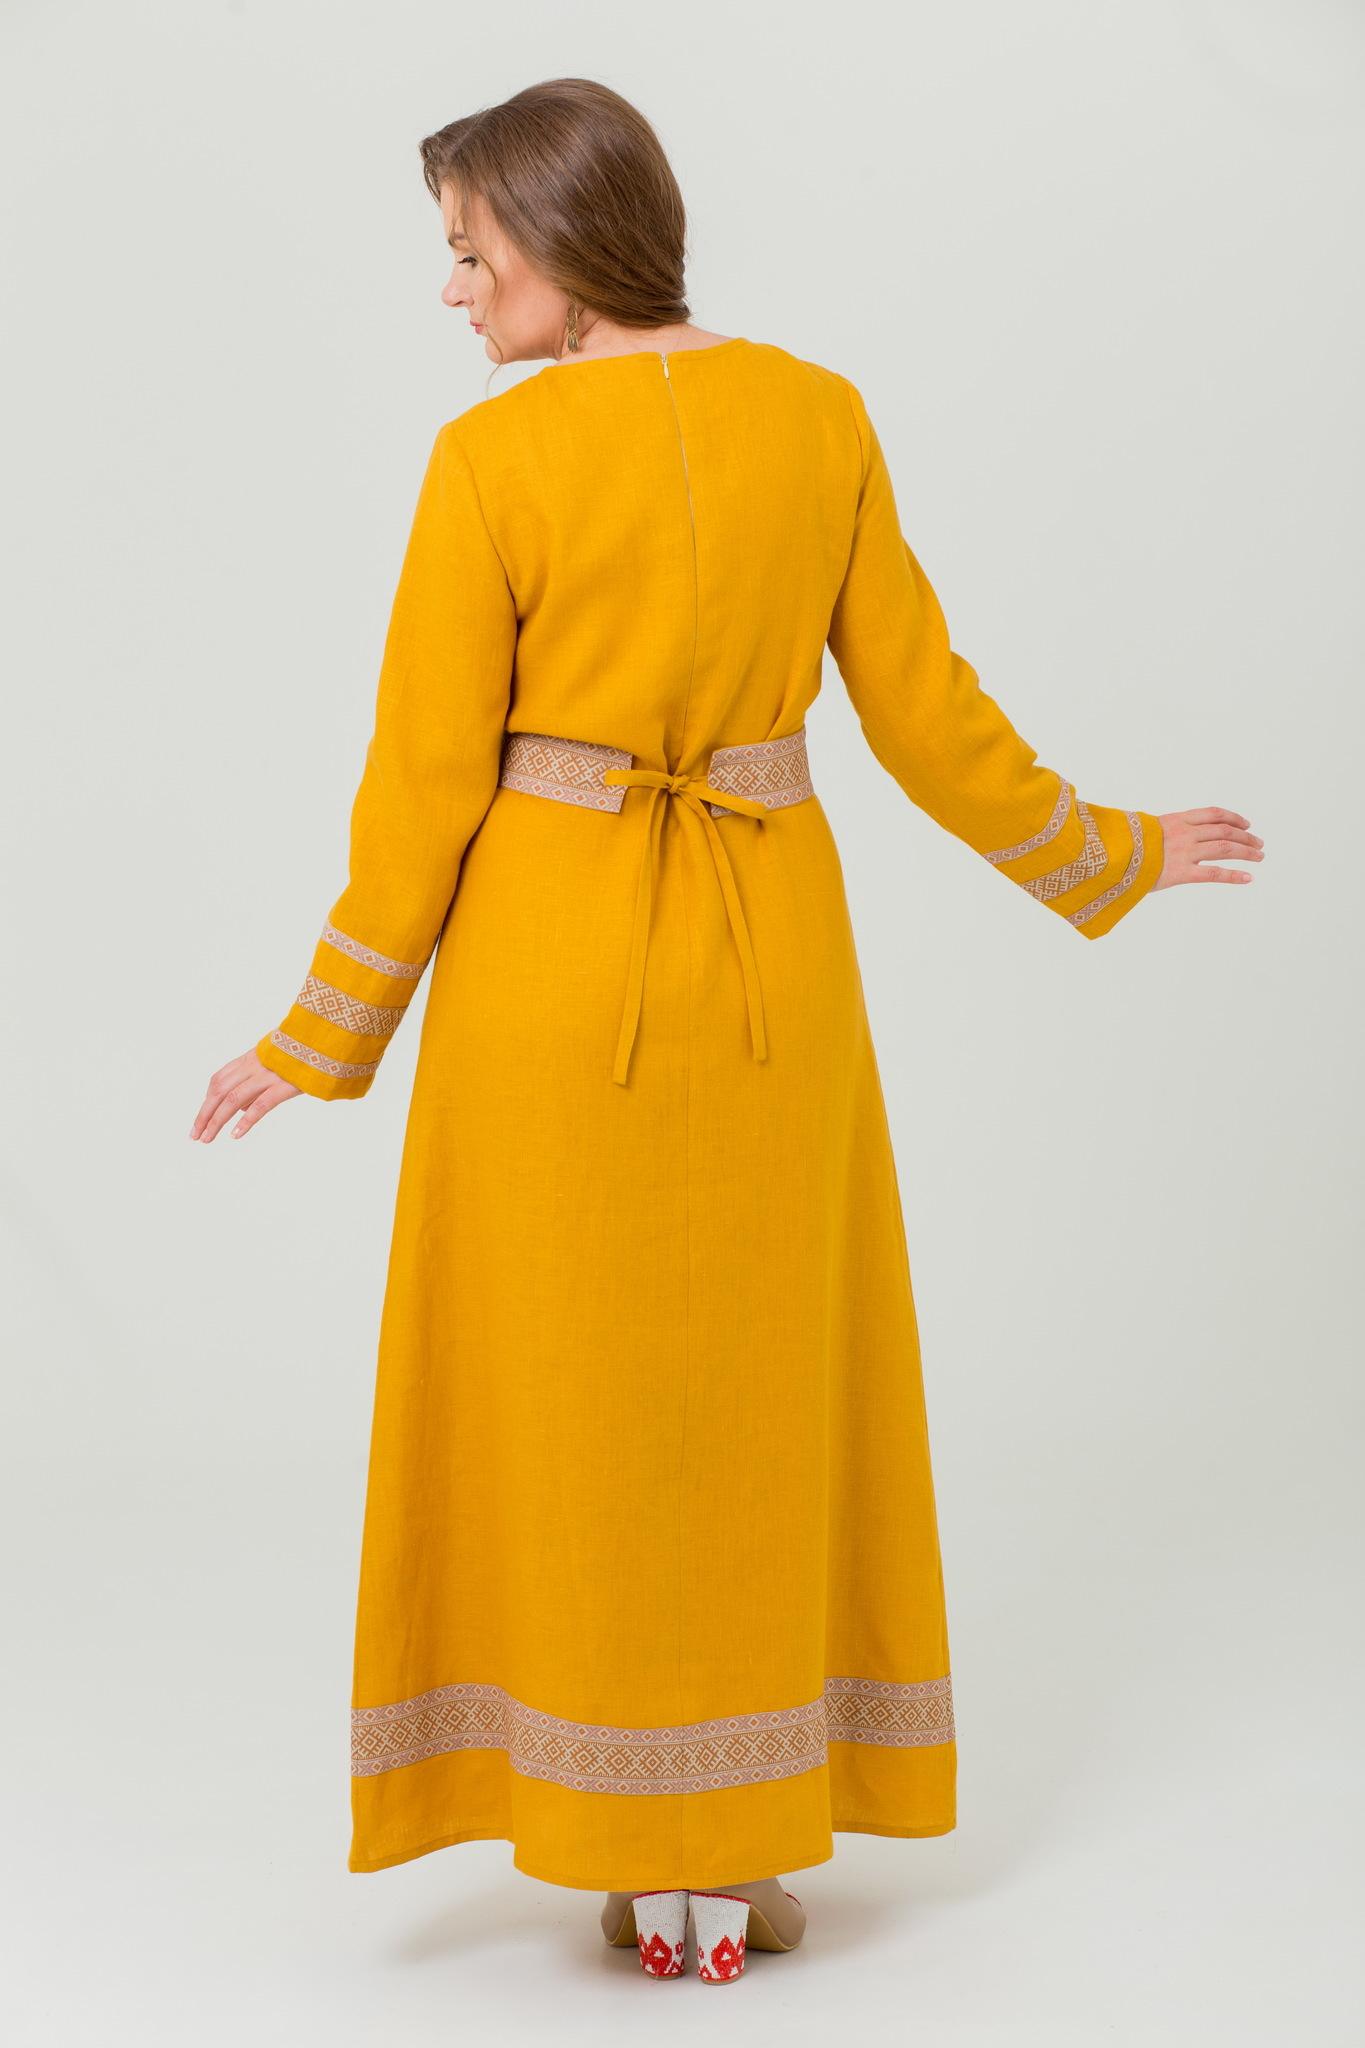 Льняное платье с поясом в русском стиле Горицвет